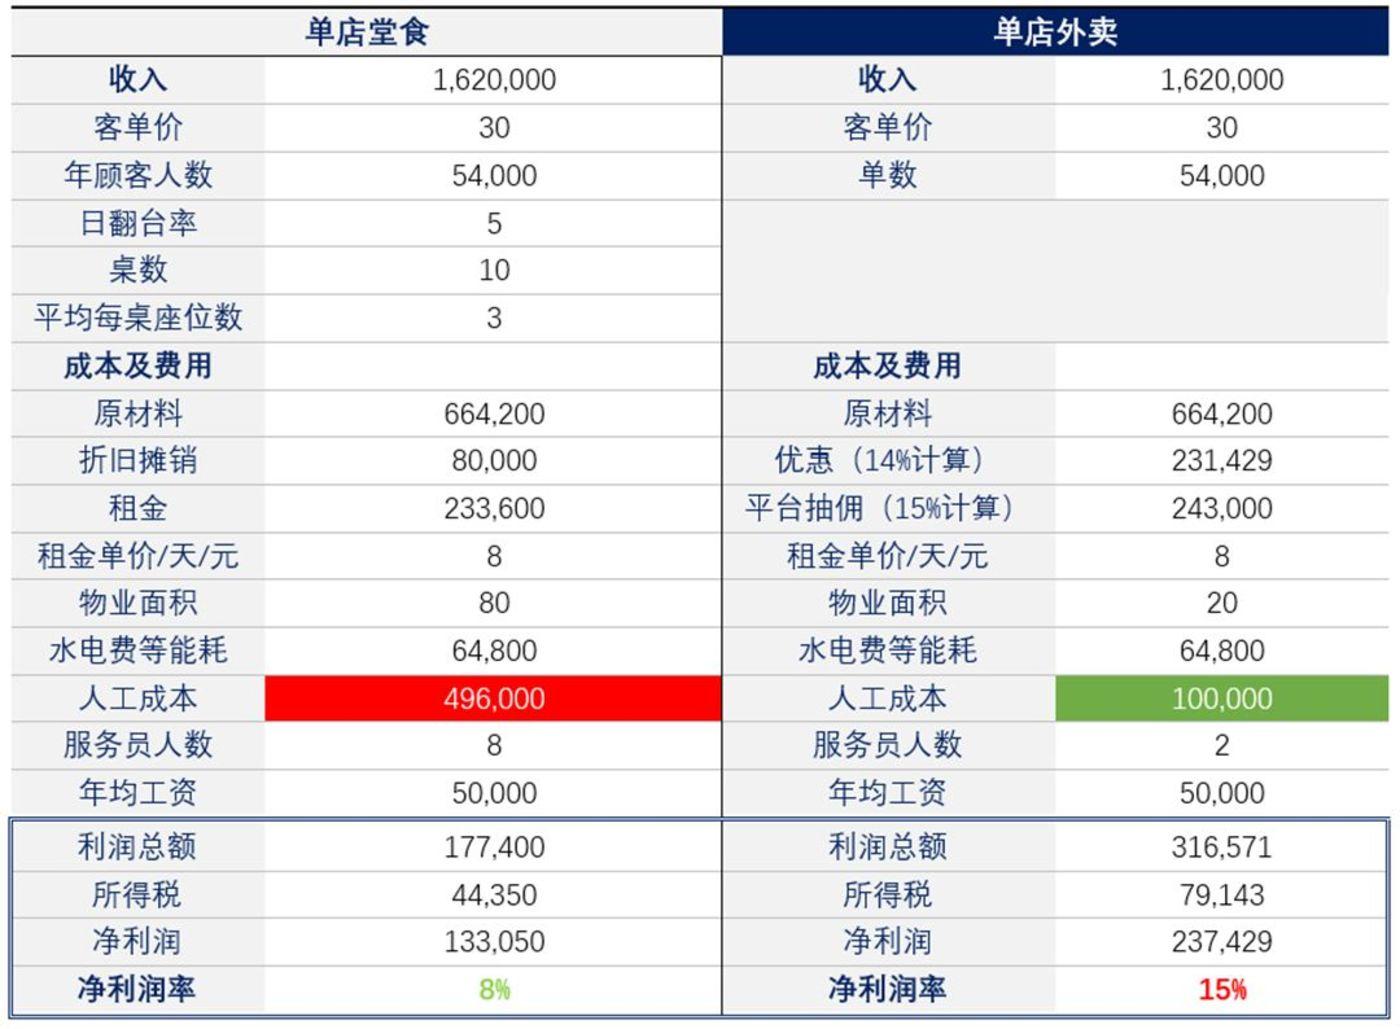 数据来源:国泰君安证券研究